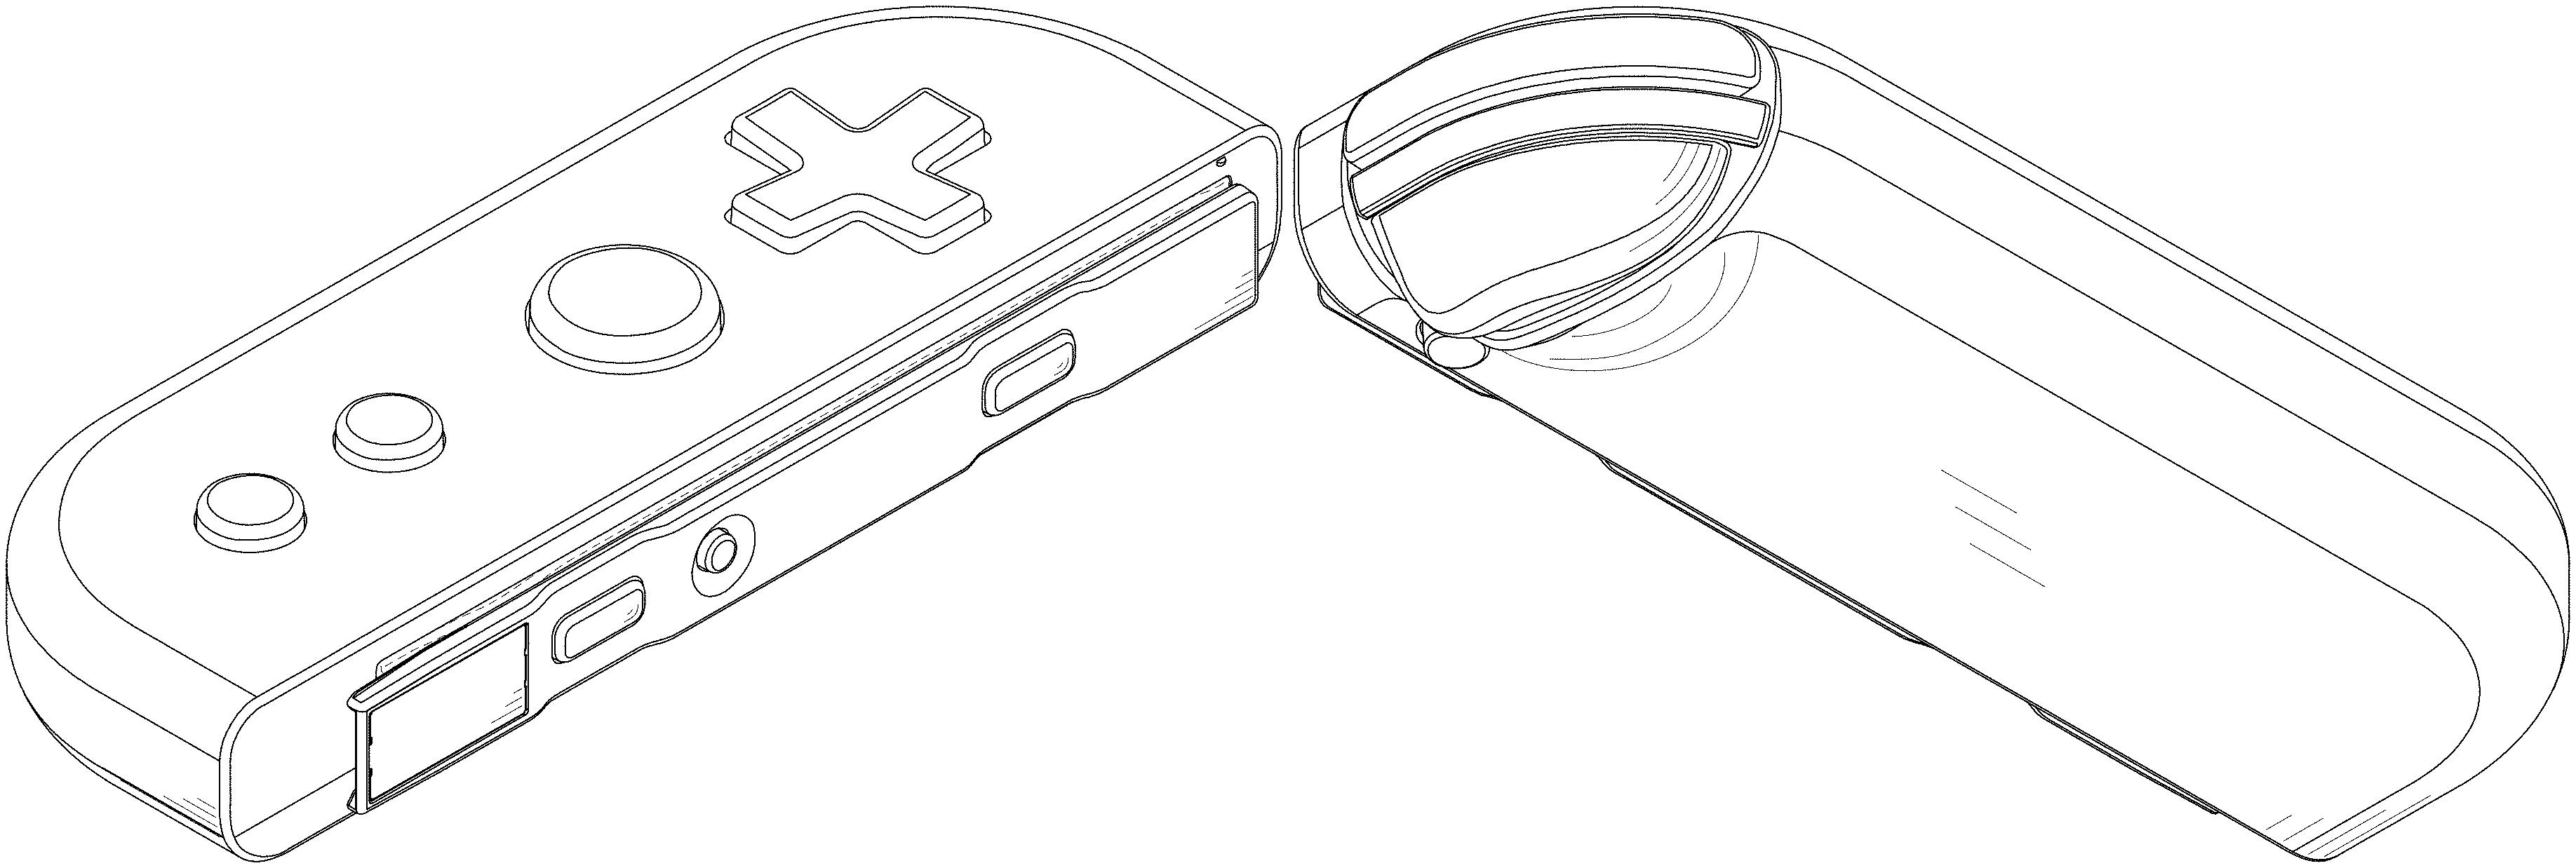 joy con patent